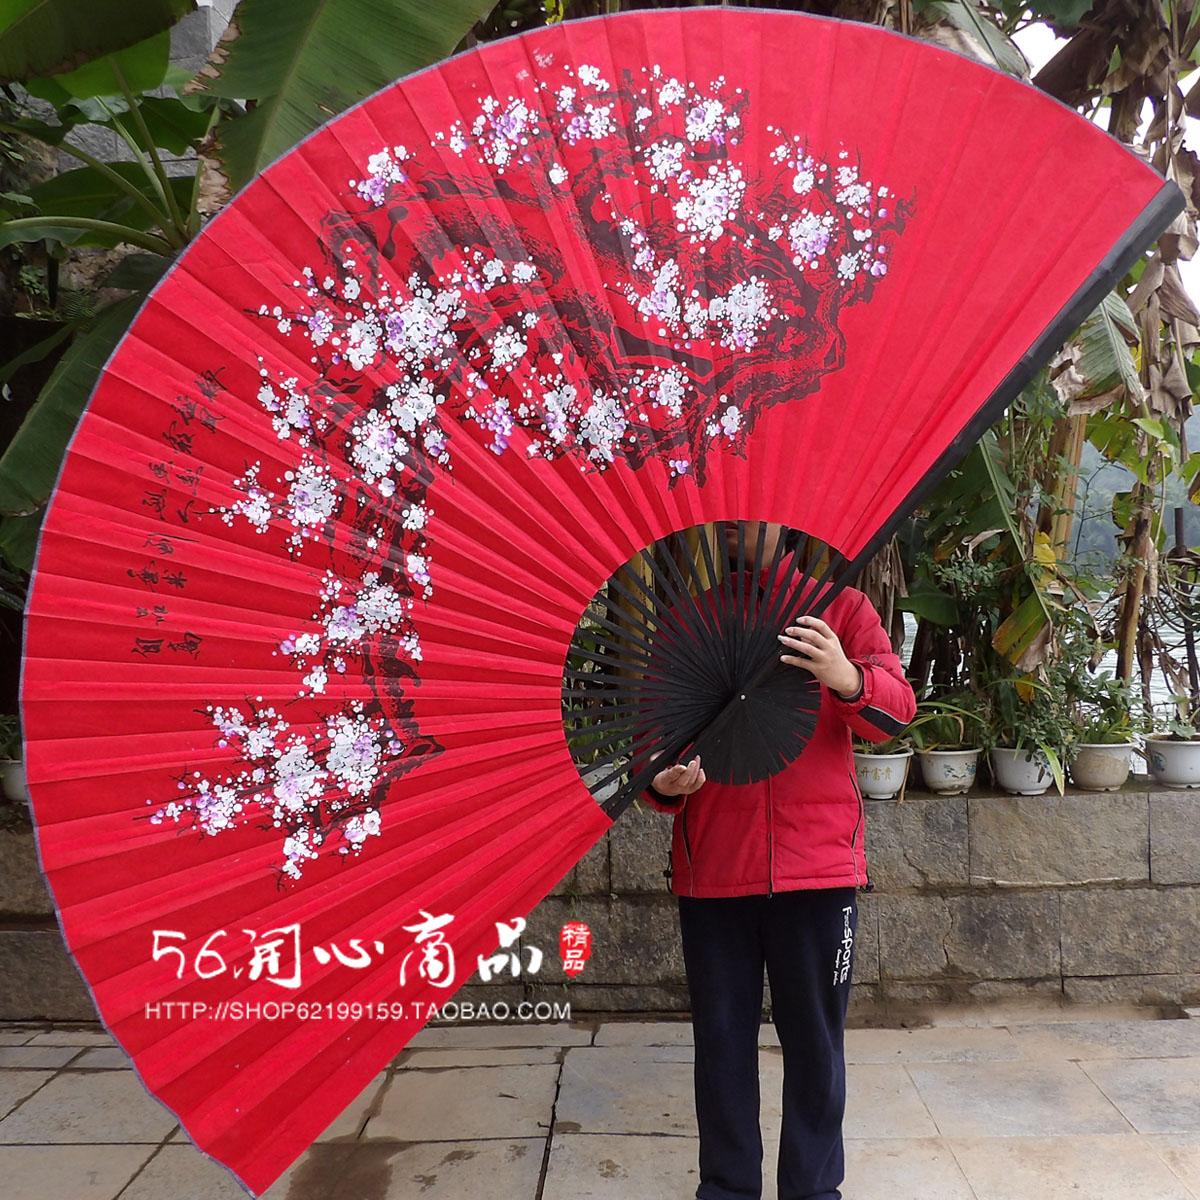 Негабаритный вешать вентилятор декоративный вентилятор китайский ветер ремесла шёлковая ткань большой сложить веер тень этаж магия реквизит свадьба фотография цветка сливы